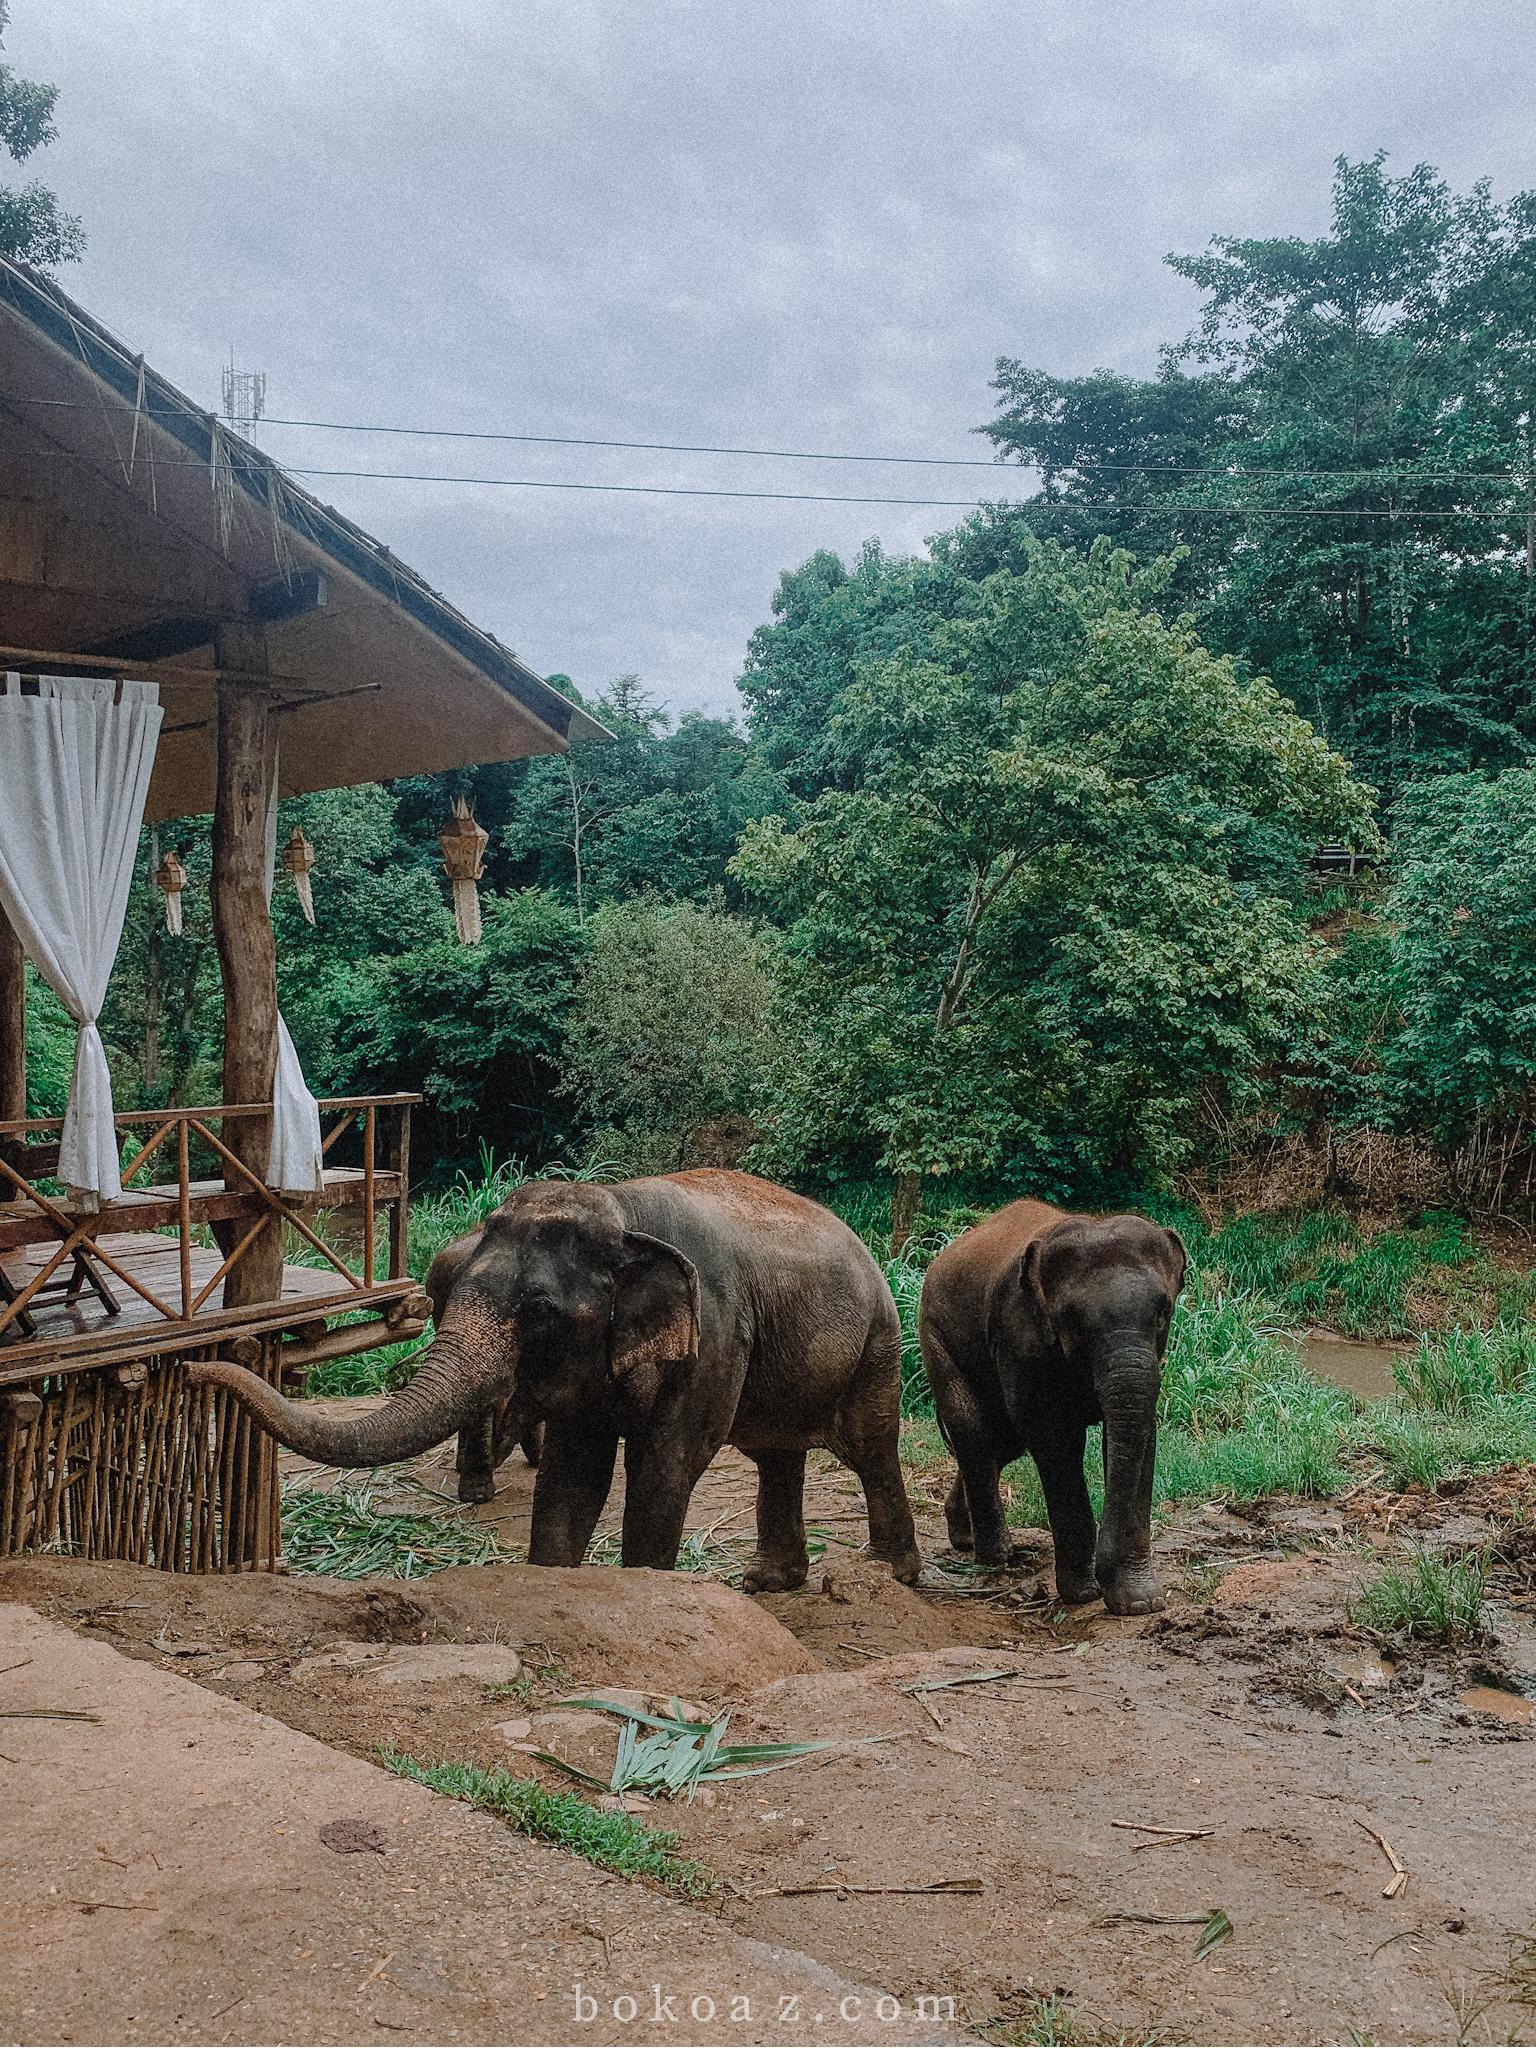 รีวิว ที่พักน้องช้าง chai lai orchids เชียงใหม่